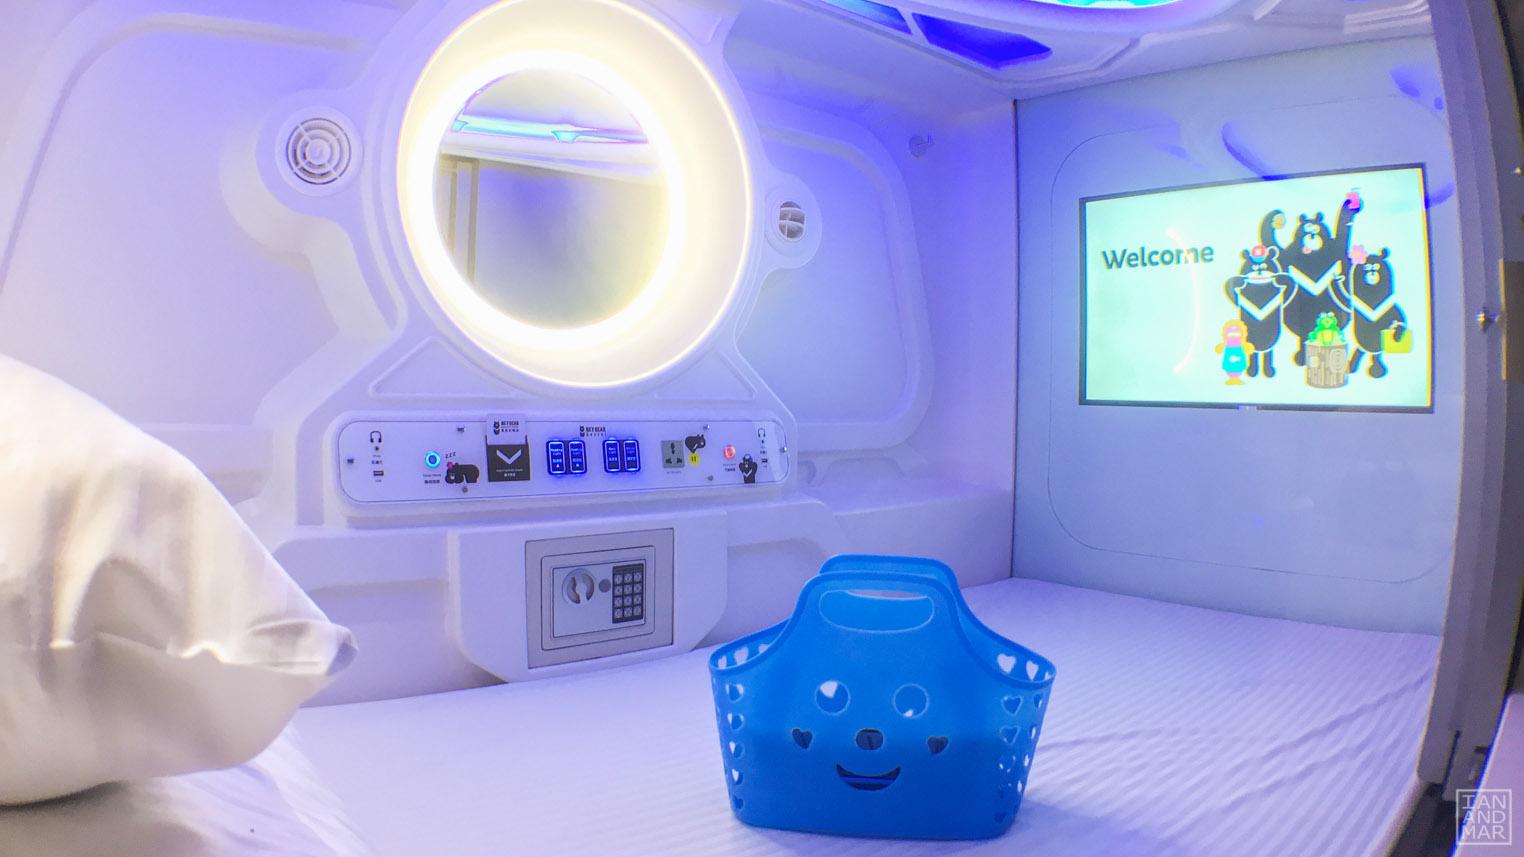 futuristic capsule bed